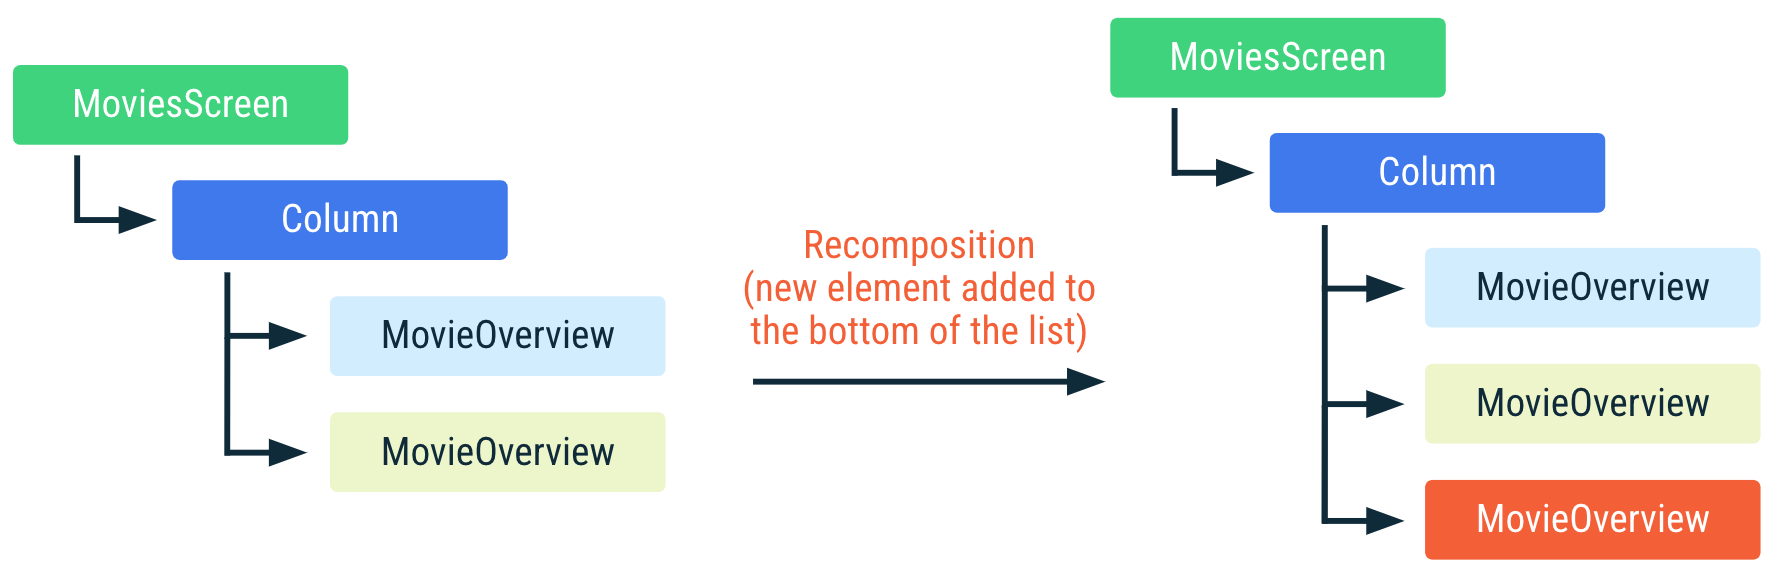 新しい要素がリストの末尾に追加されたときに上記のコードがどのように再コンポーズされるかを示す図。リスト内の他のアイテムは位置が変化せず、再コンポーズされません。